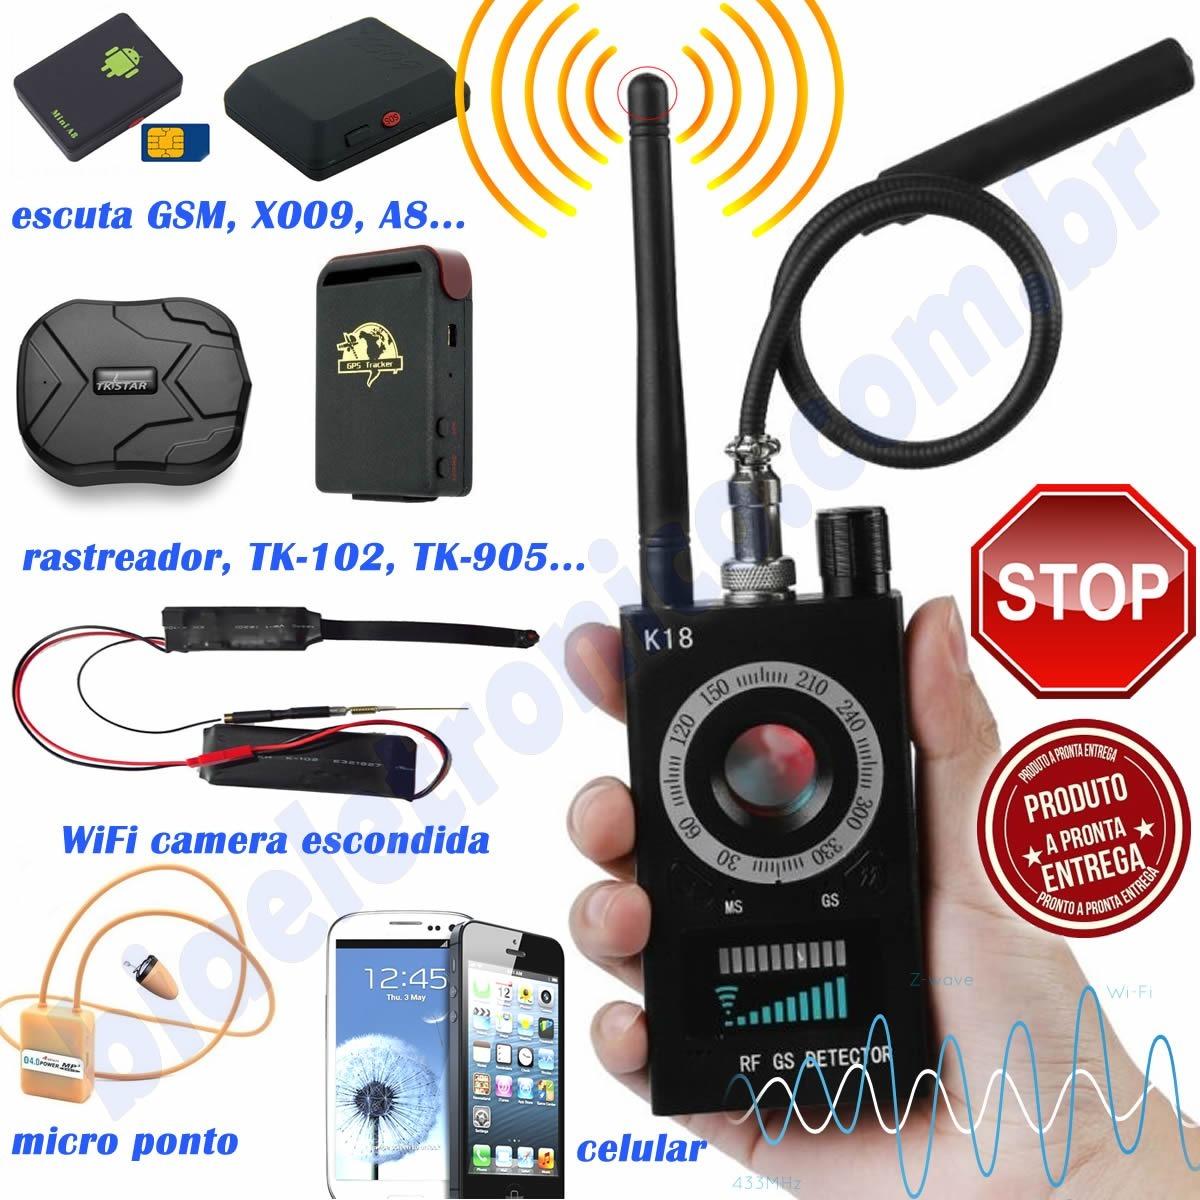 micro rastreador para celular